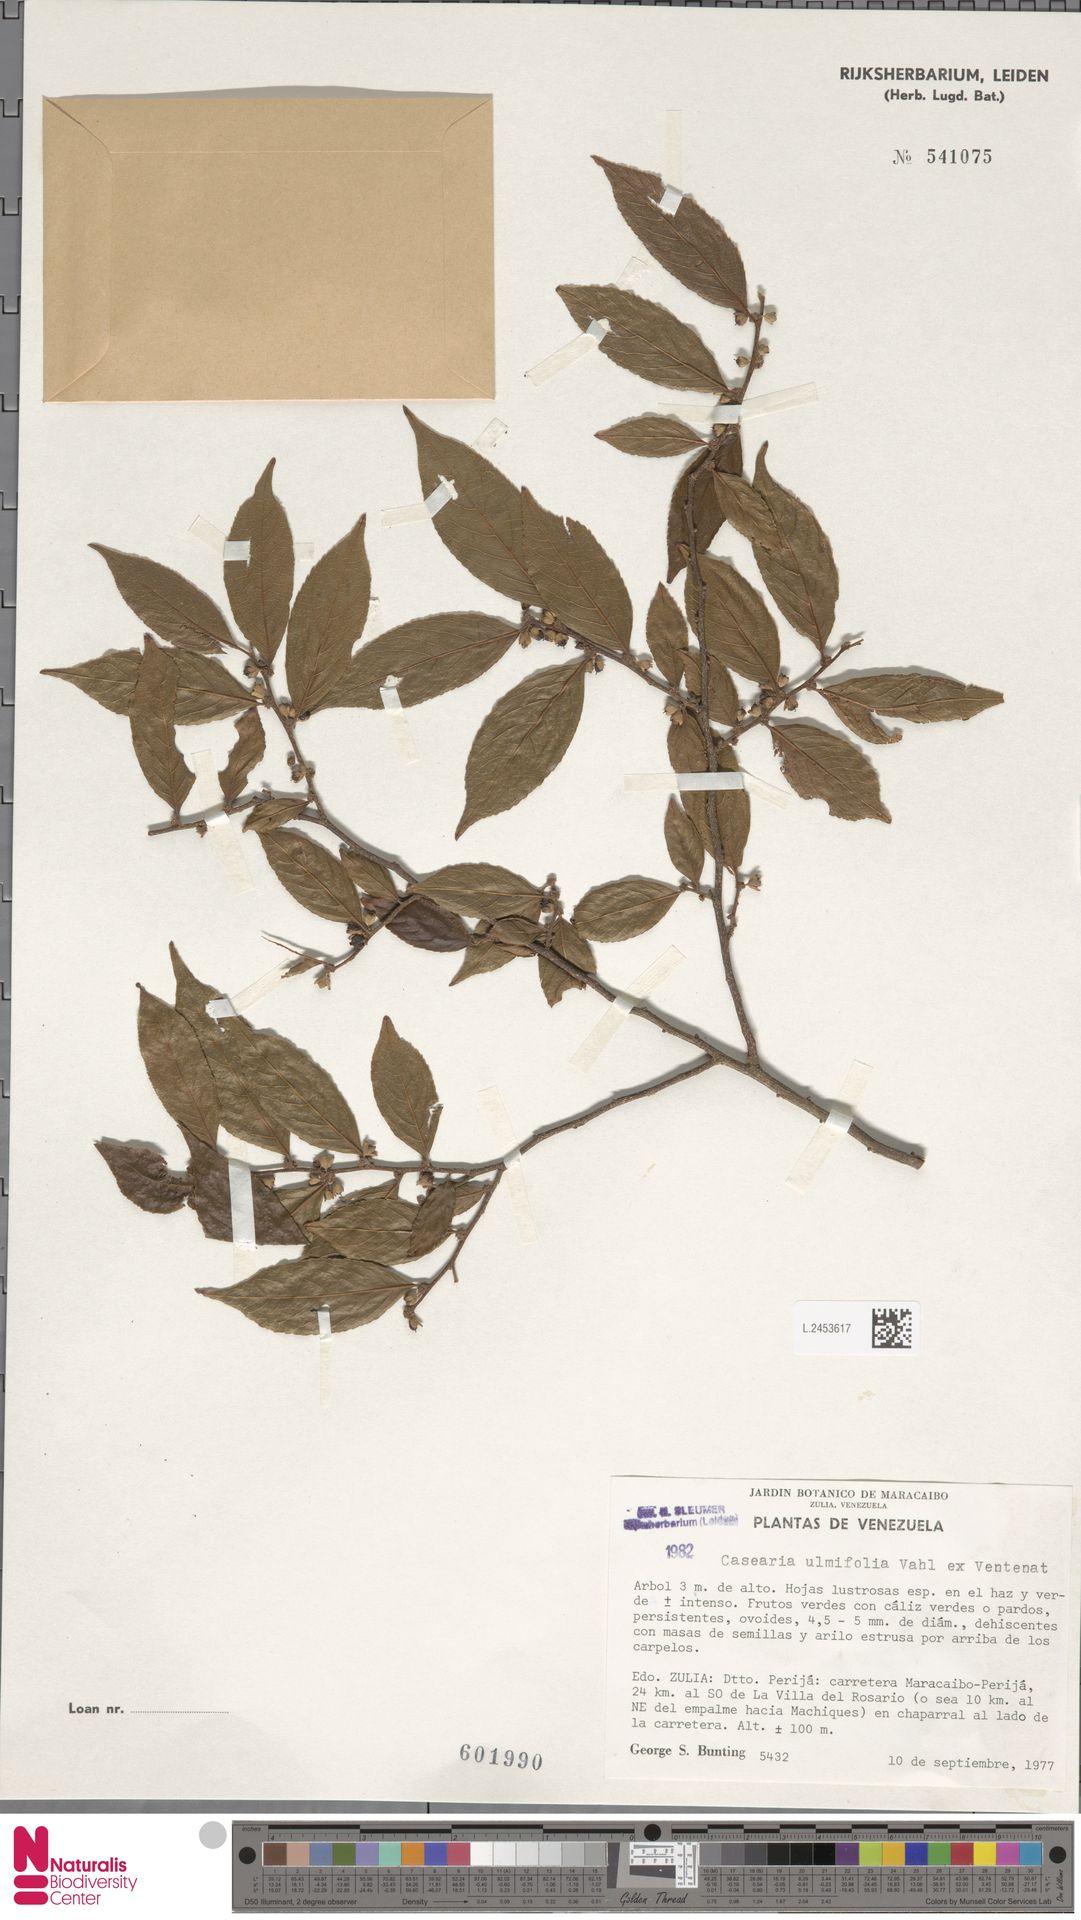 L.2453617 | Casearia ulmifolia Vahl ex Vent.